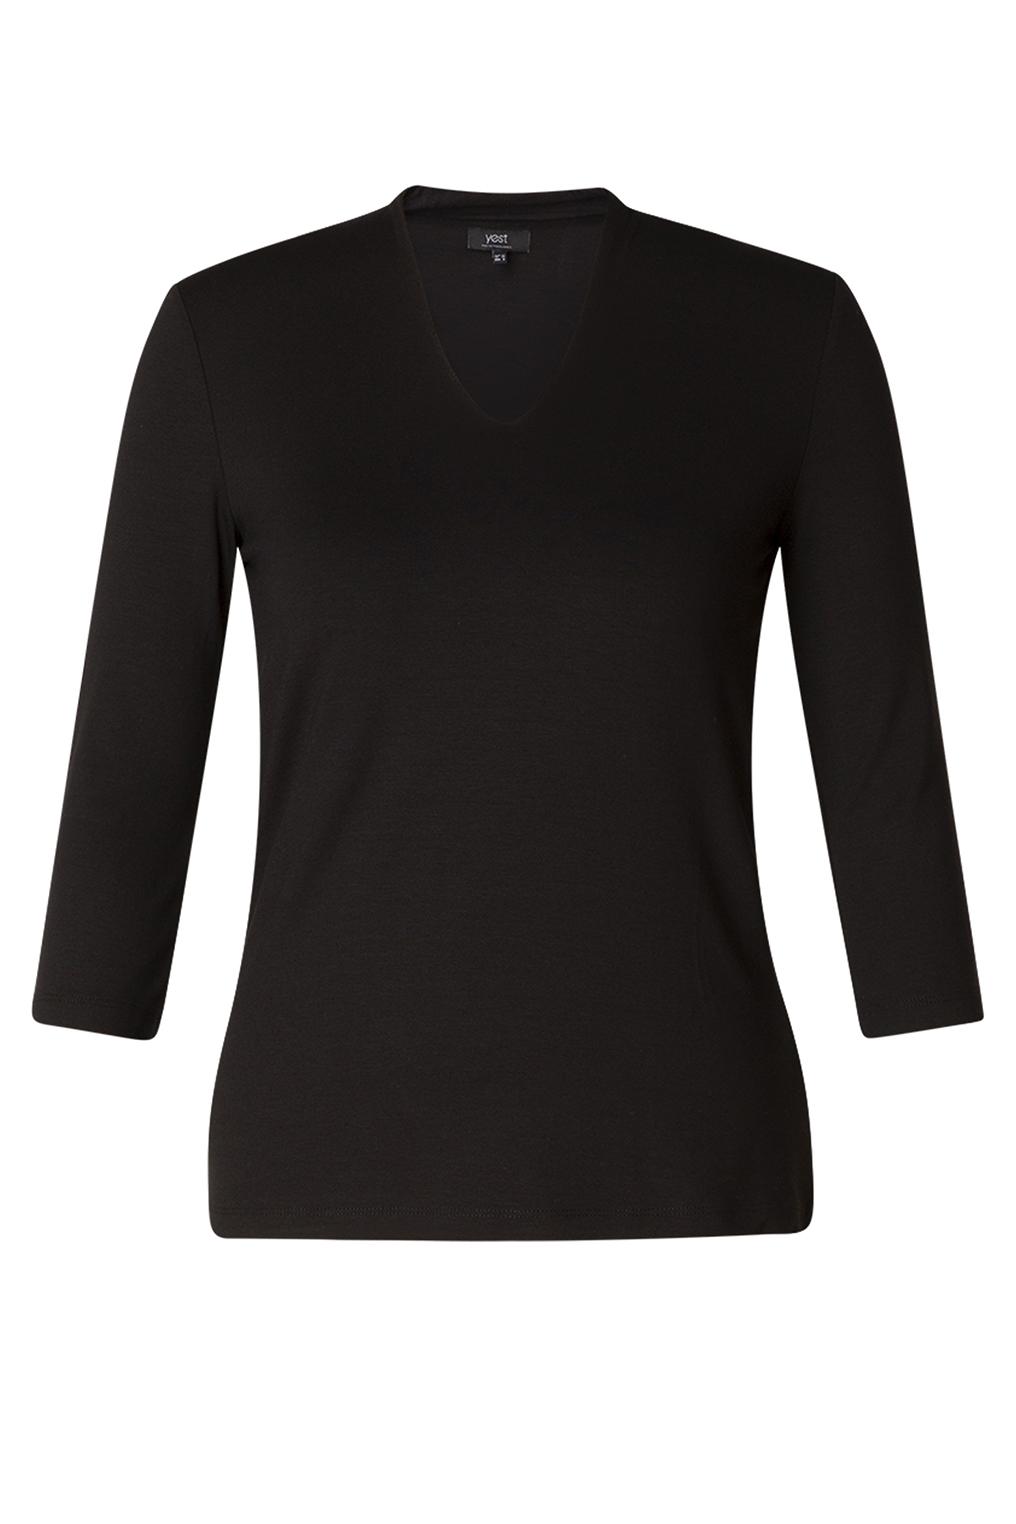 Shirt Yesta 76 cm